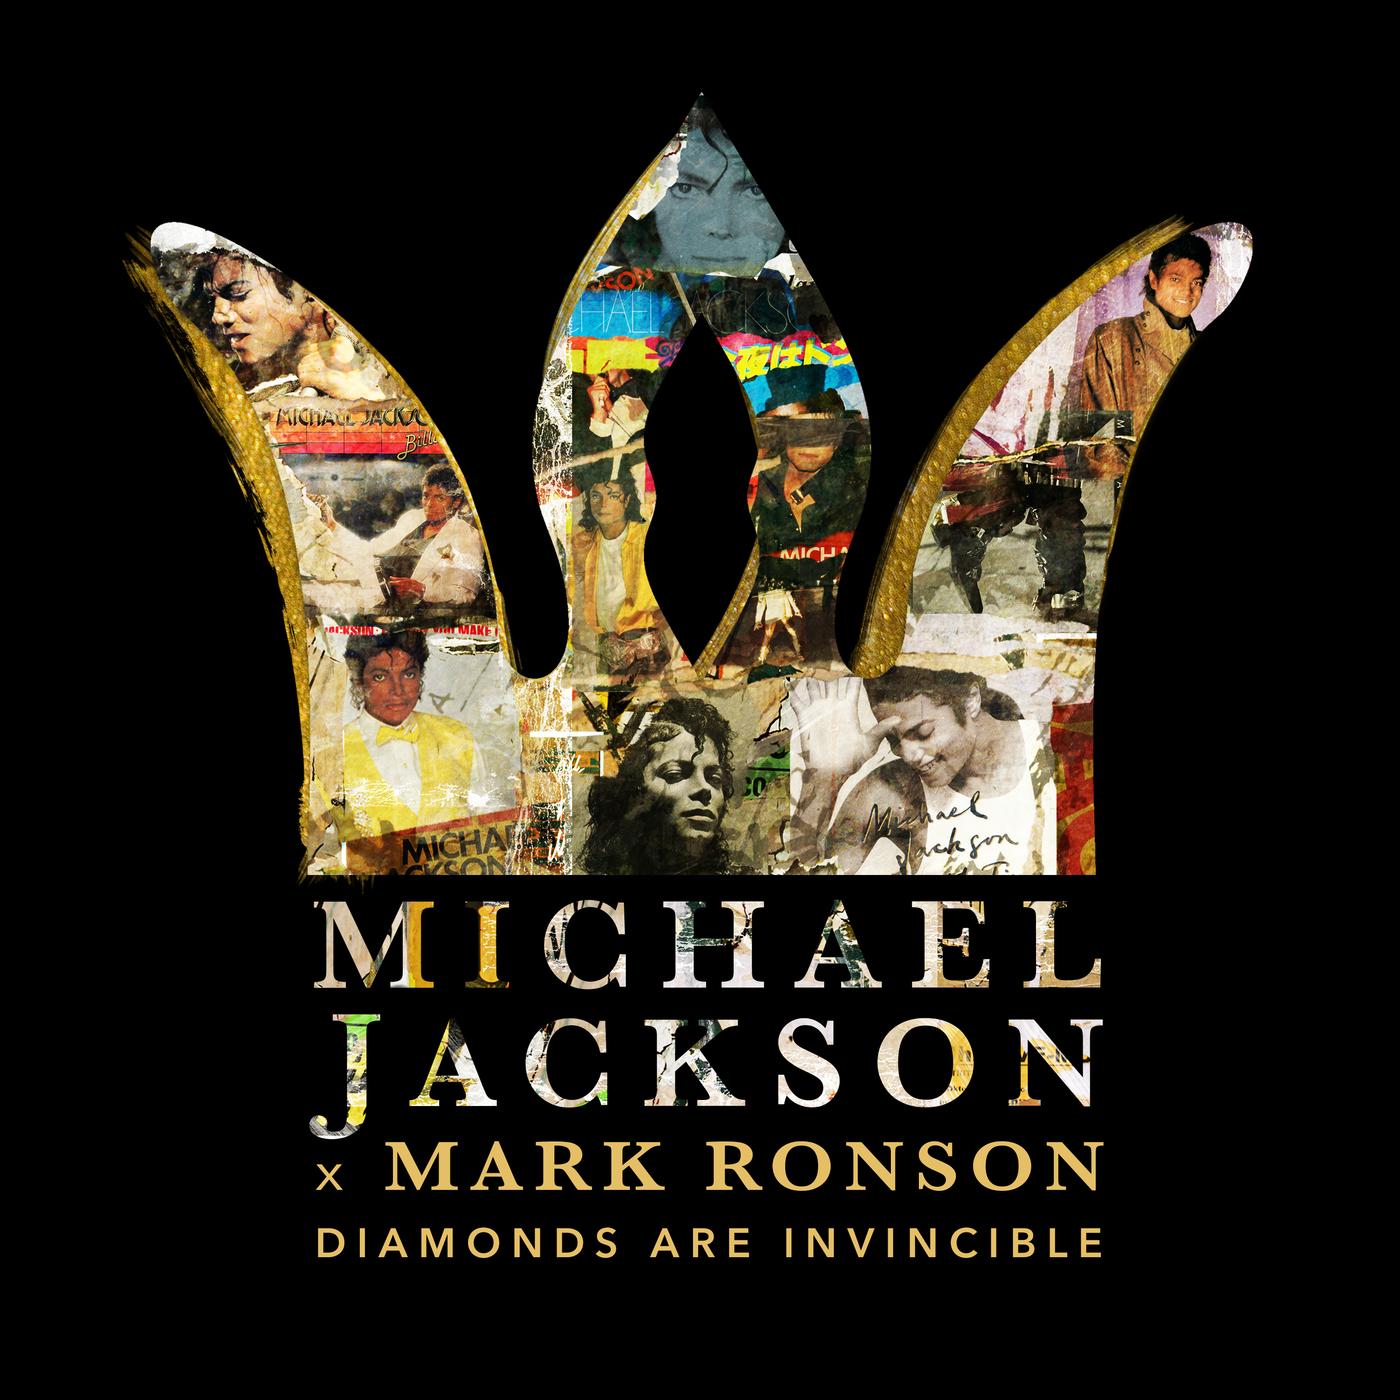 Diamonds are invincible